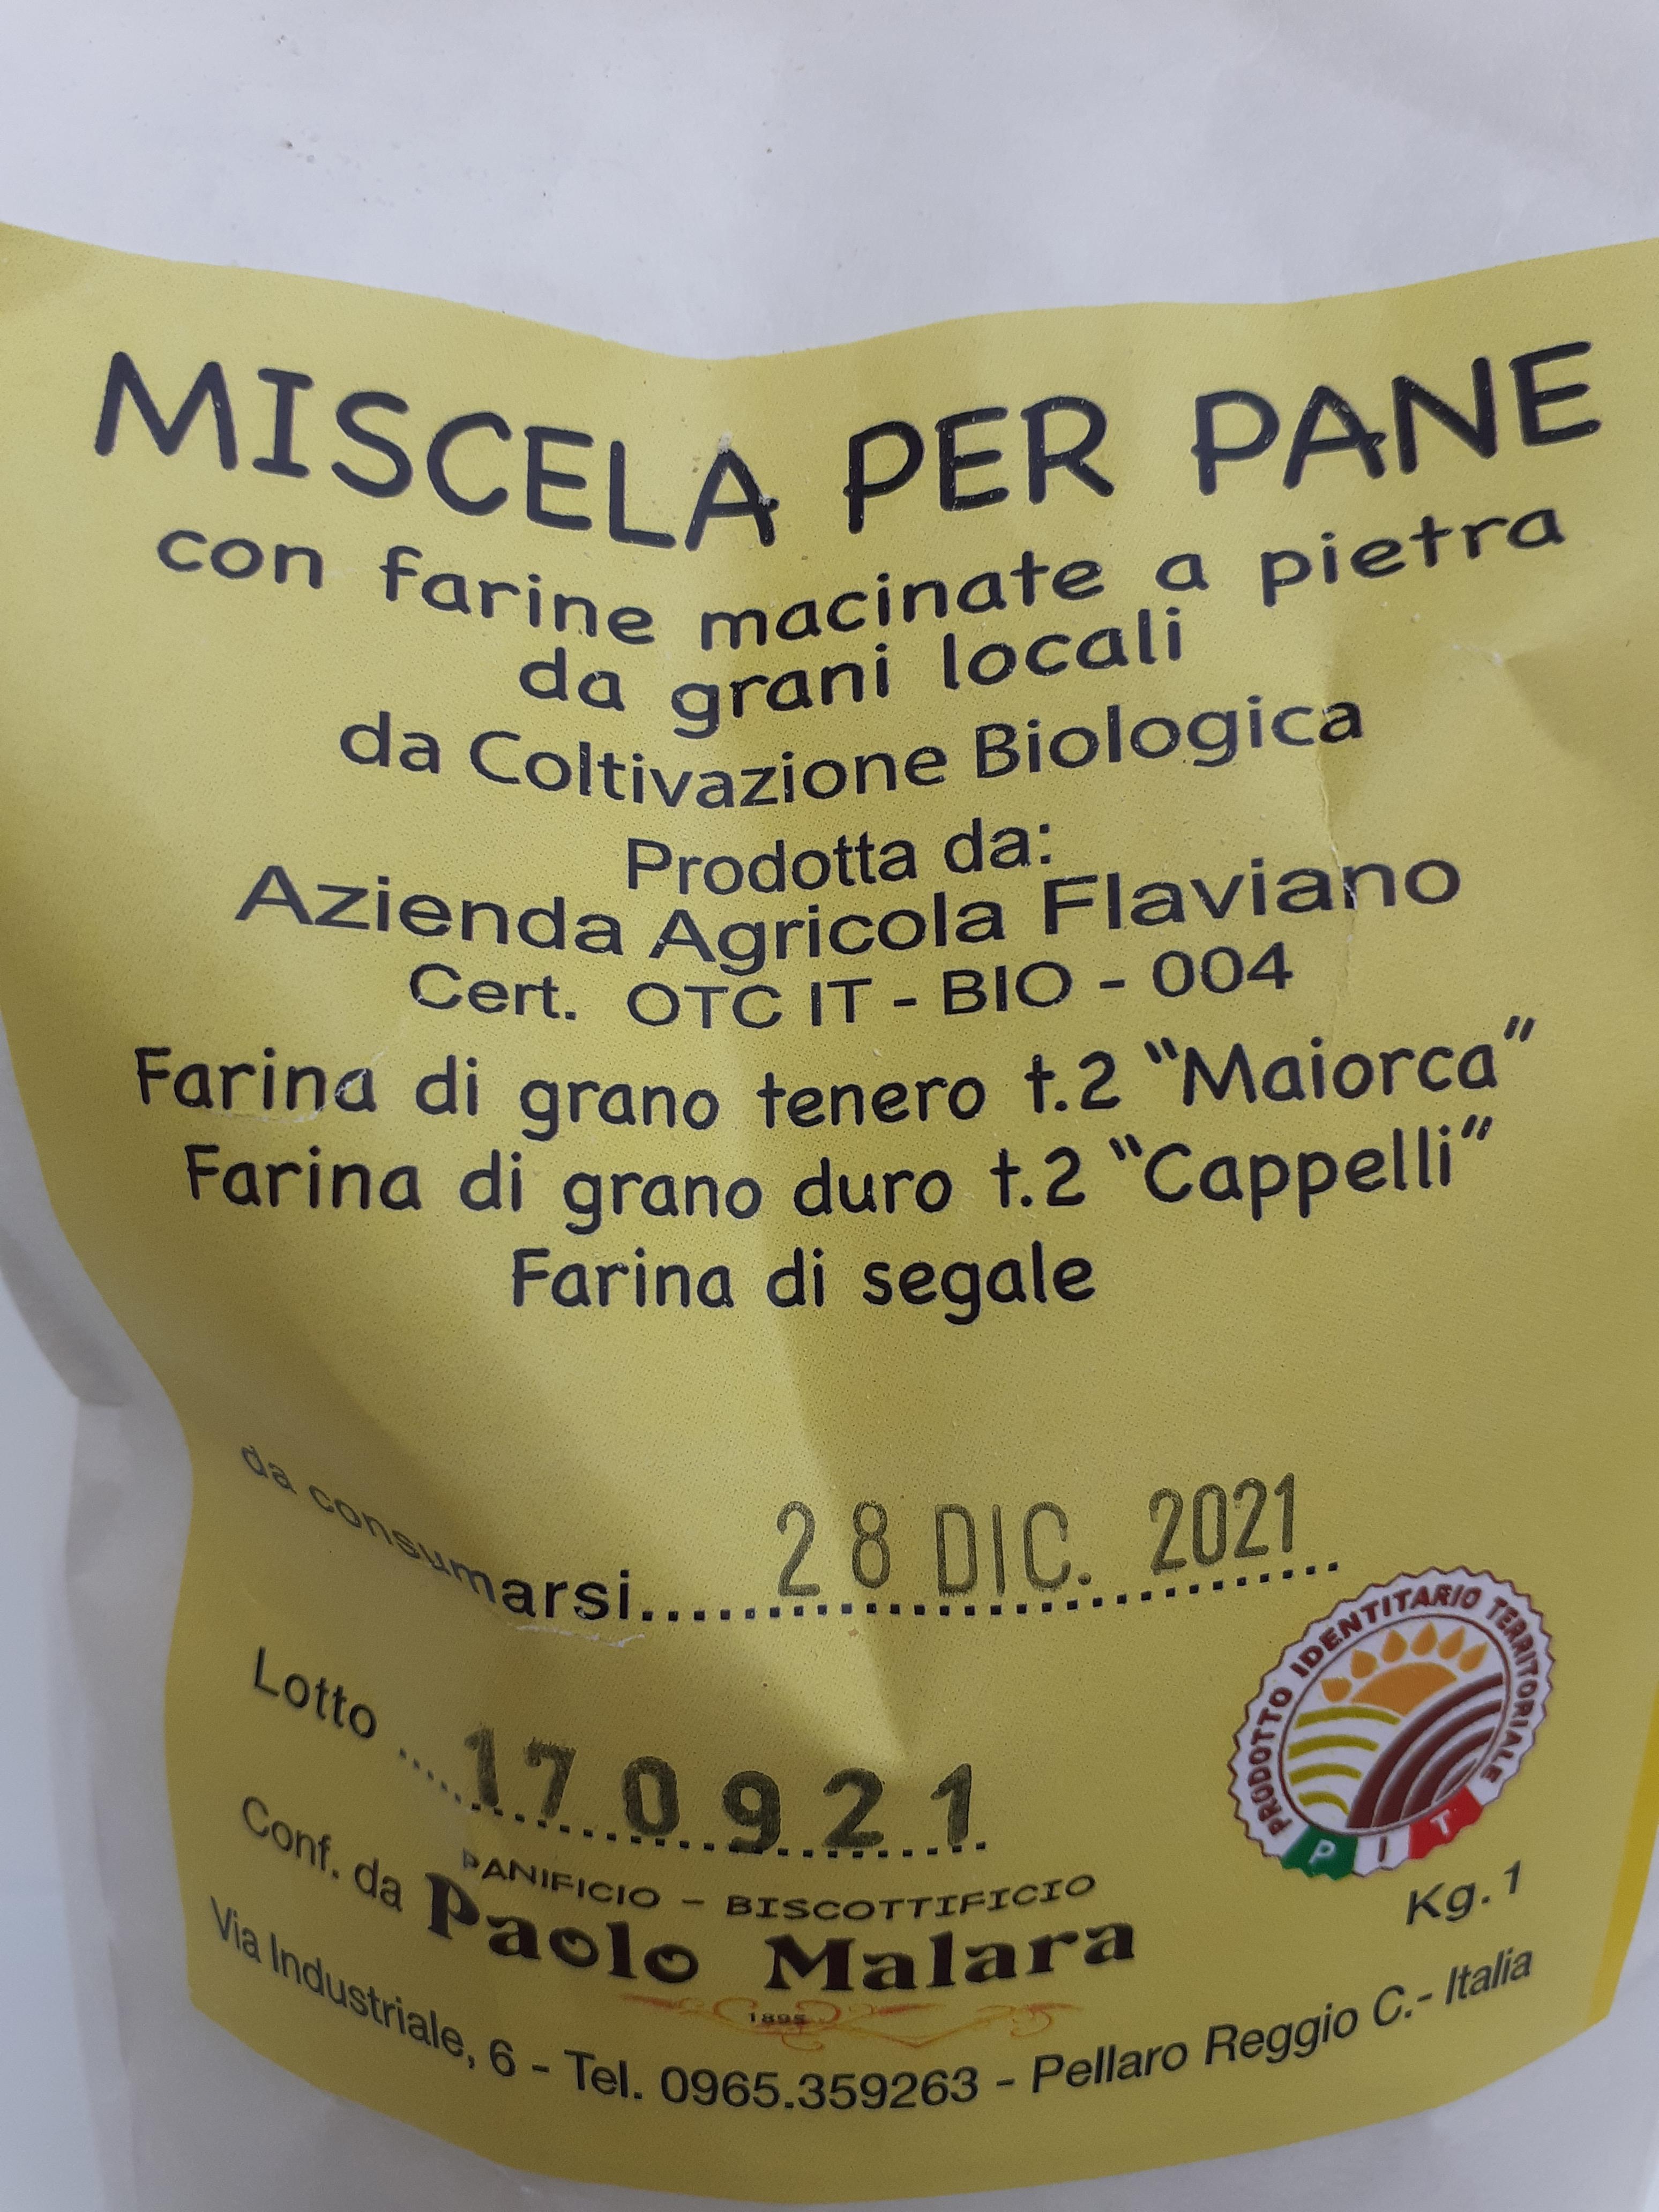 Miscela per pane bio con farine macinate a pietra da grani locali , farina di grano tenero t2